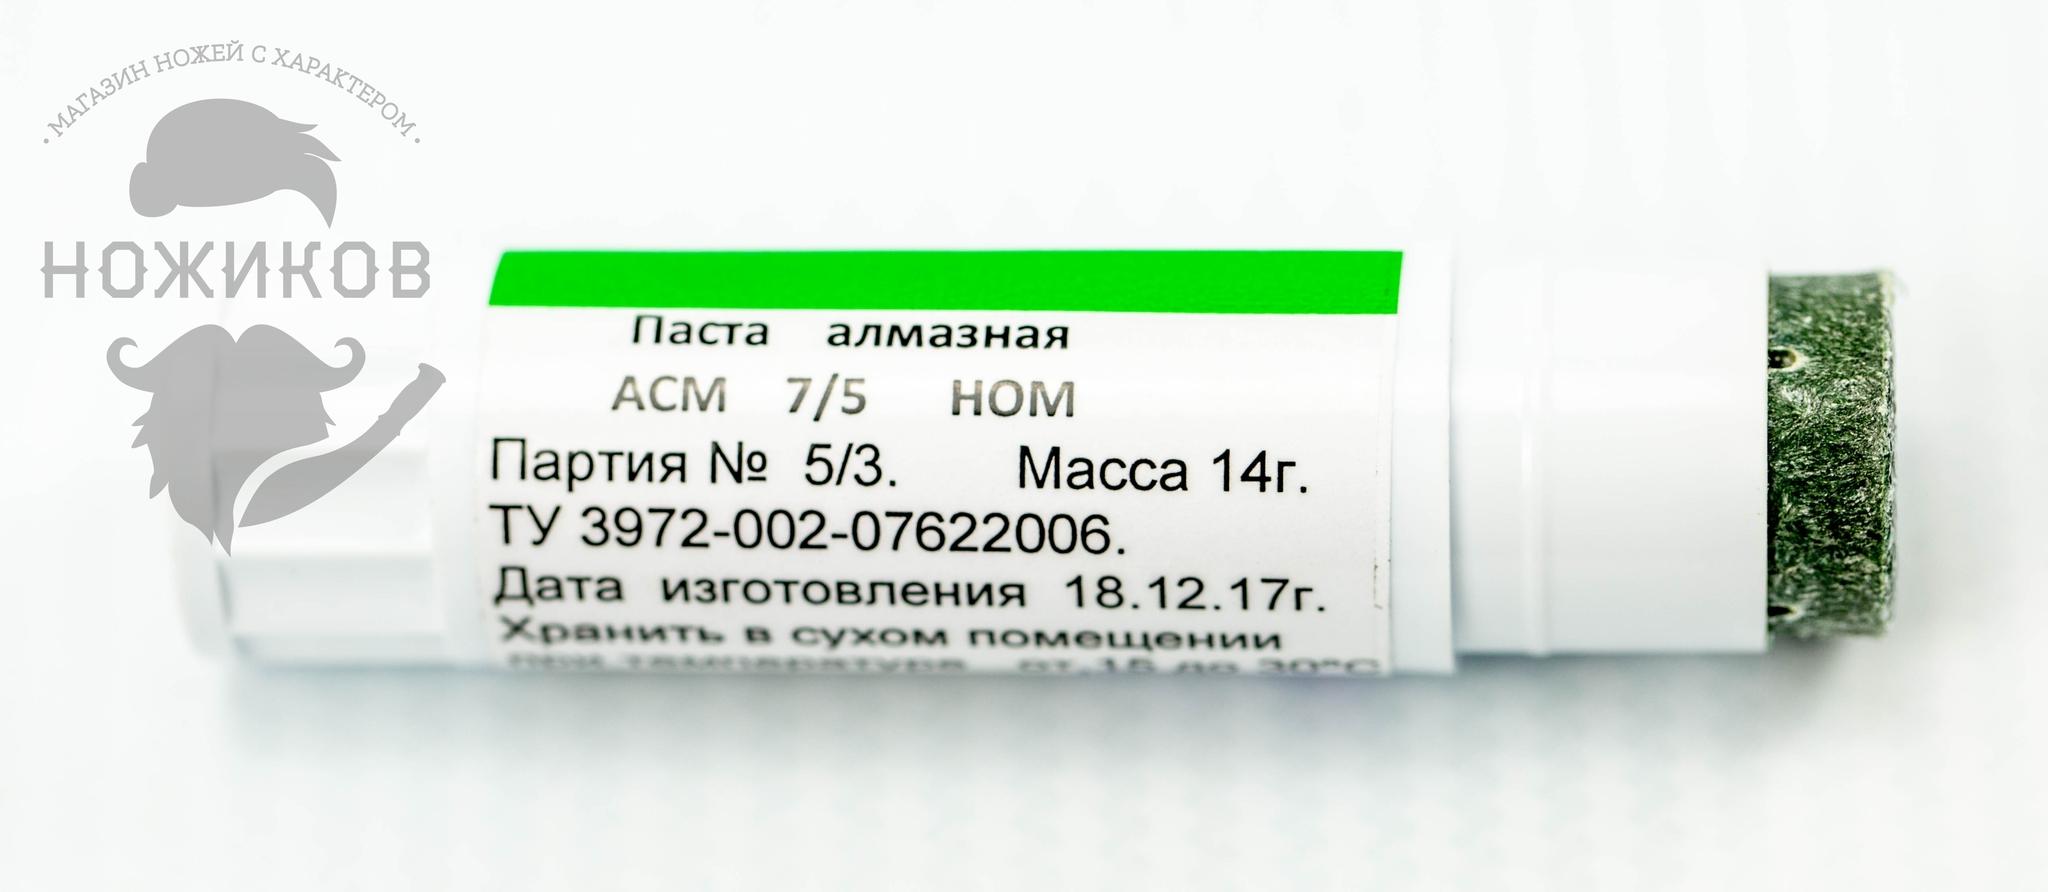 Фото 3 - Алмазная паста HOM ACM 7/5, 14 гр. от Веневский  завод алмазных инструментов